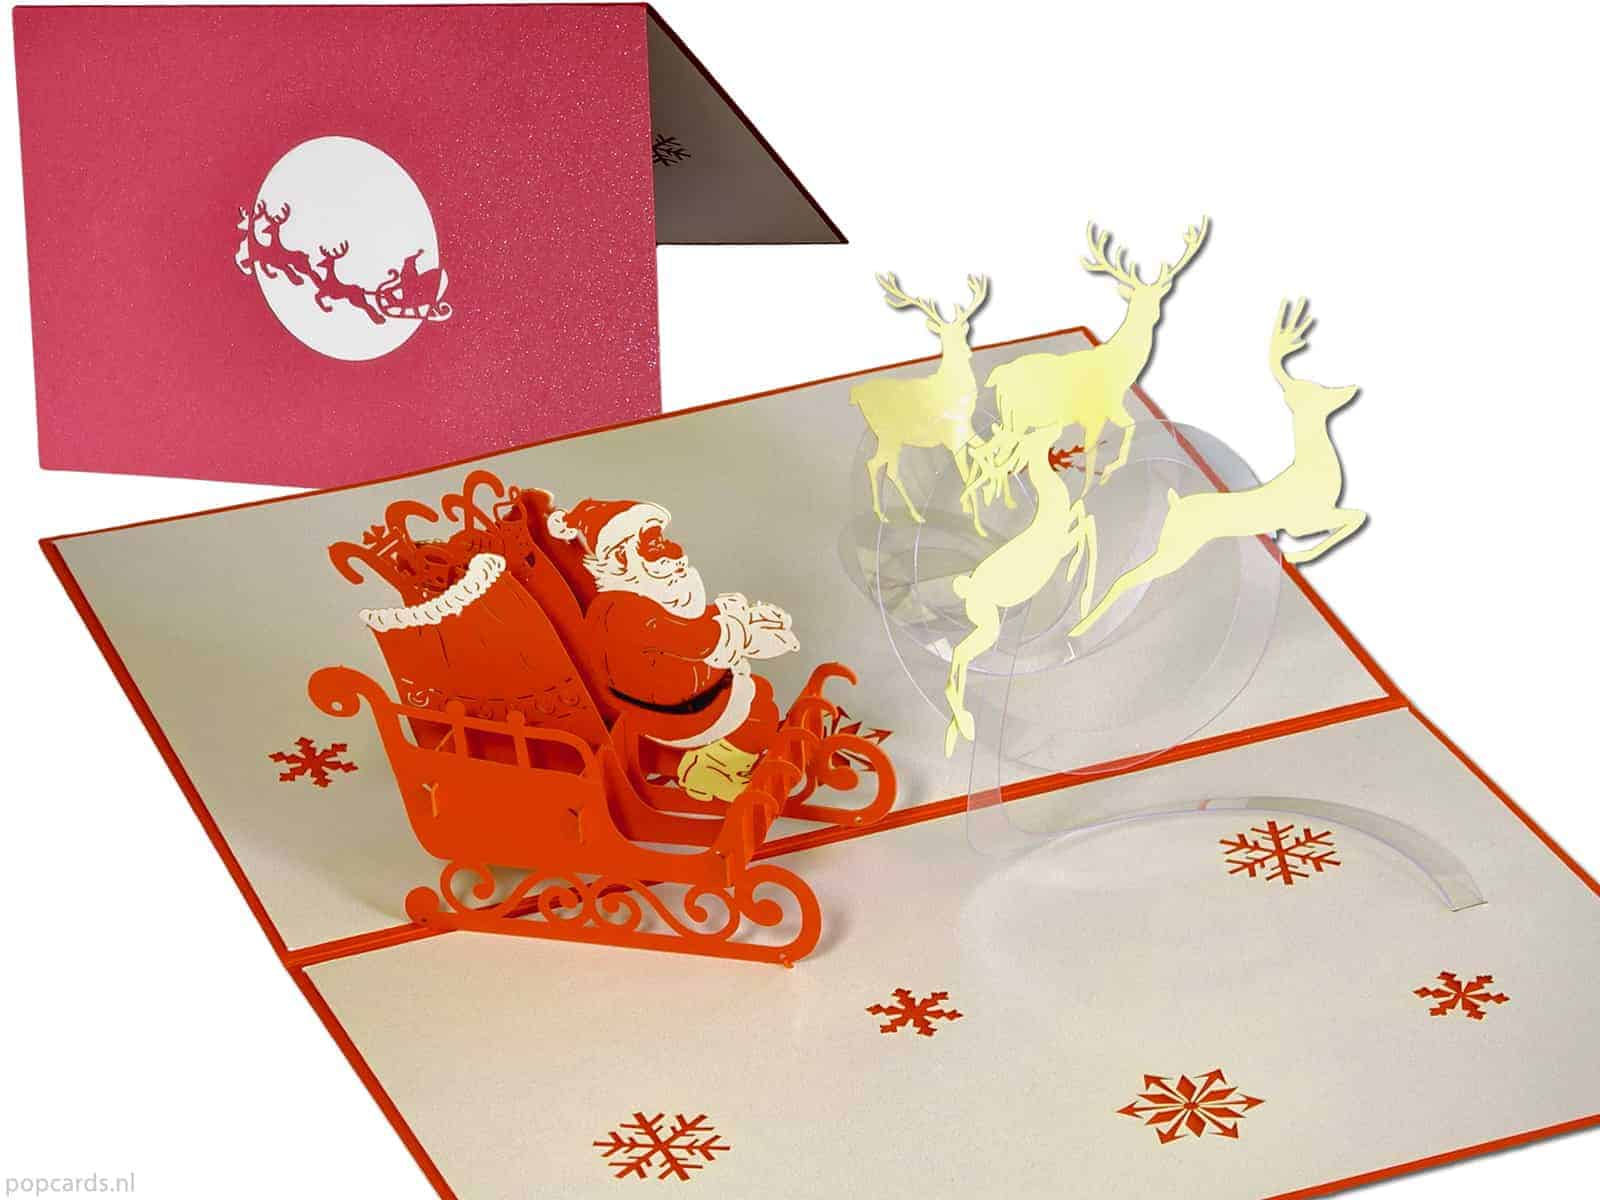 Verwonderend Vrolijke kerstman met slee en rendieren - Popcards.nl Pop-Up Kaarten DL-47